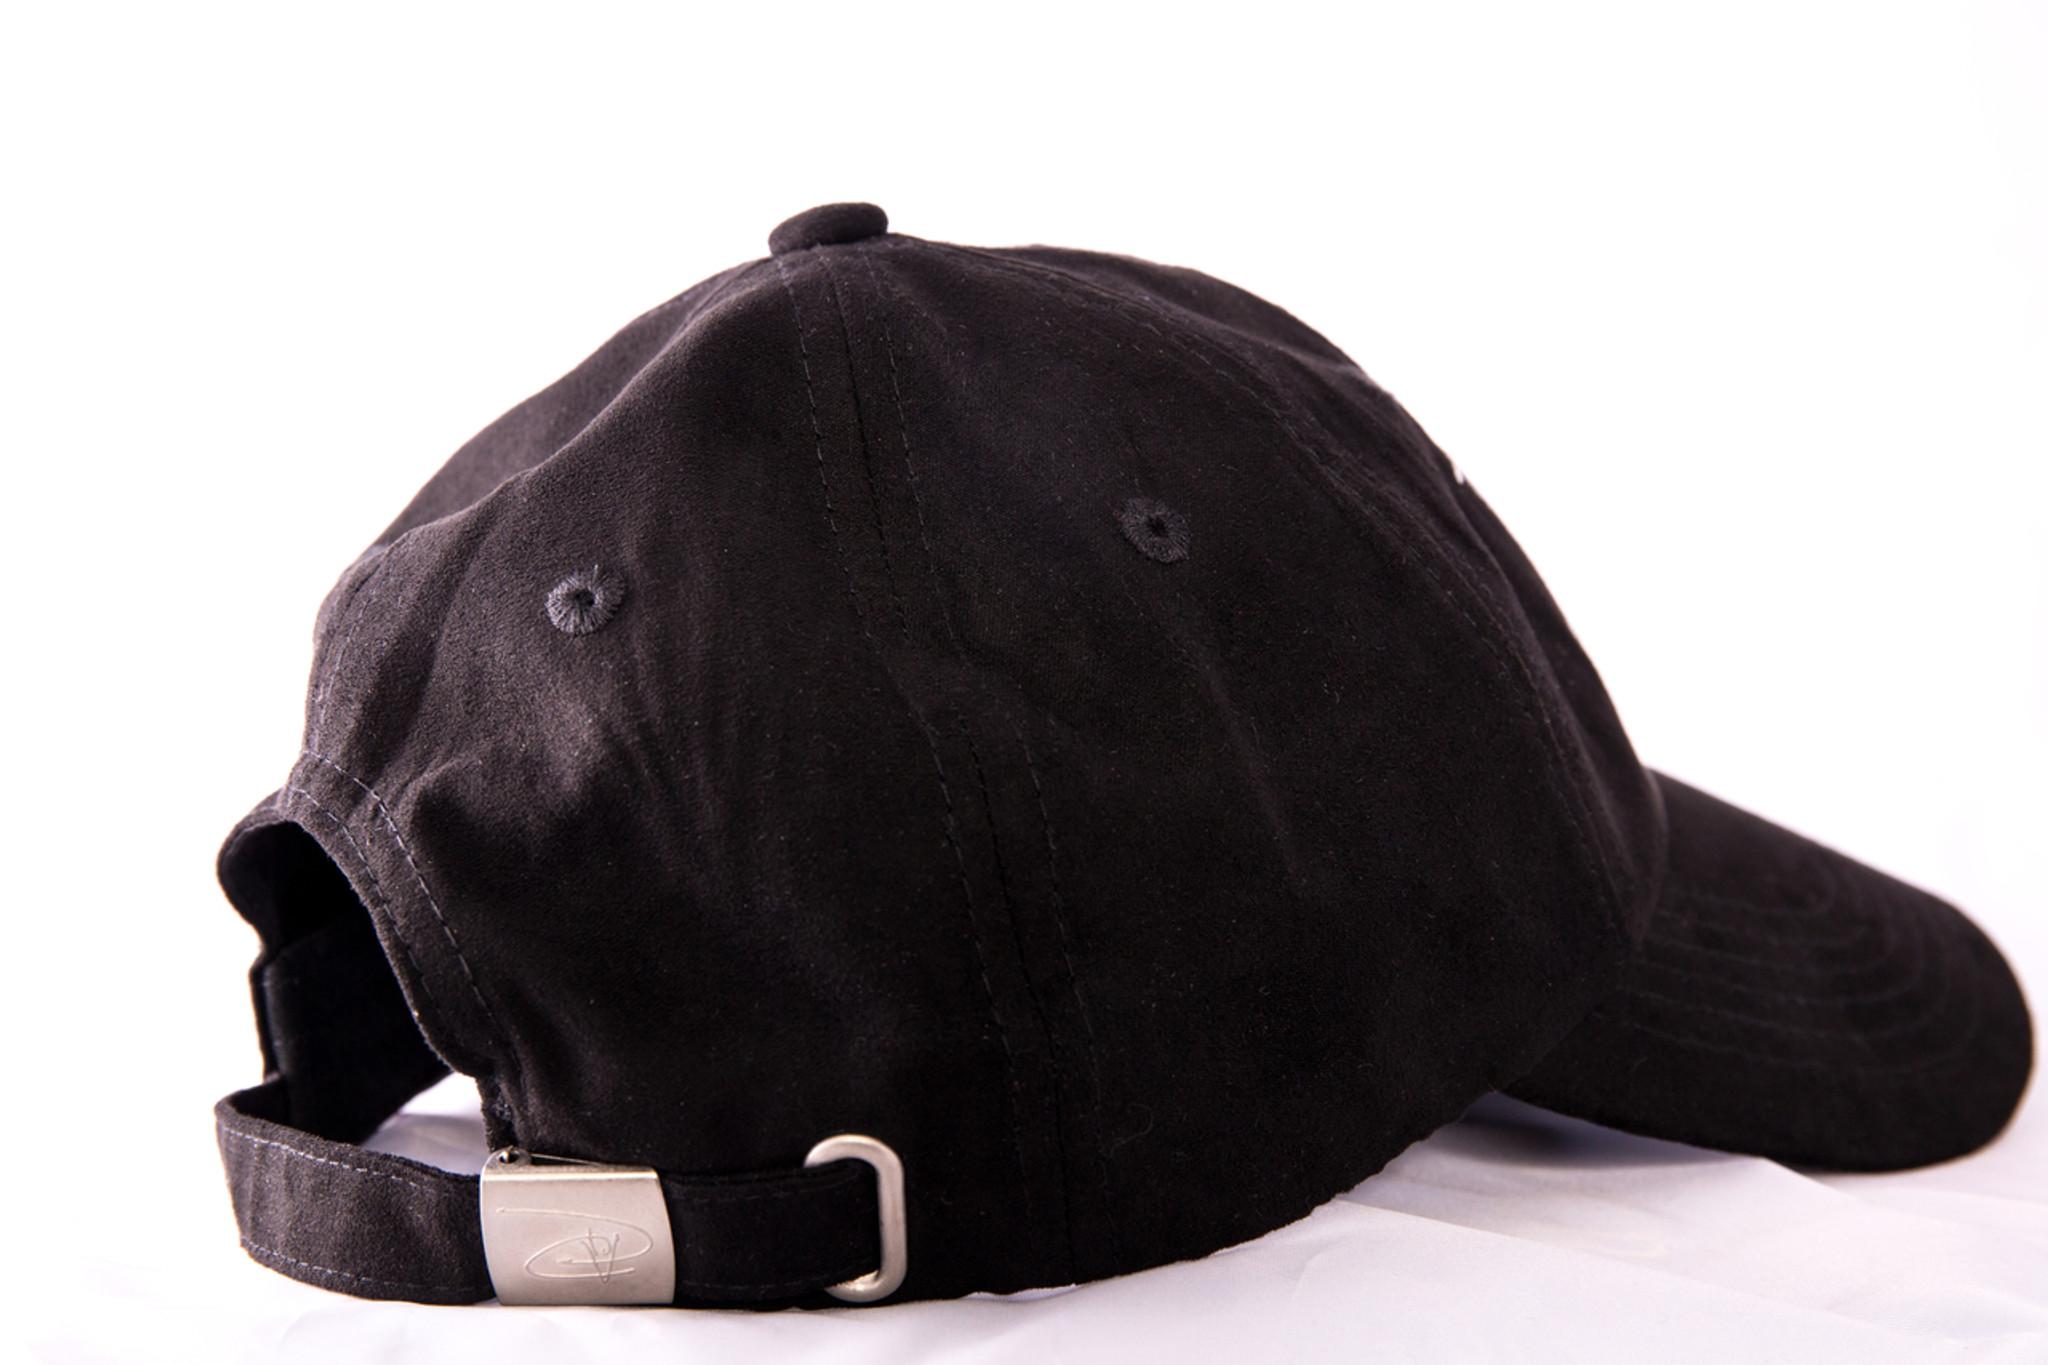 ae636477 Indian Village Dad Hat - Black Suede - David Vintage